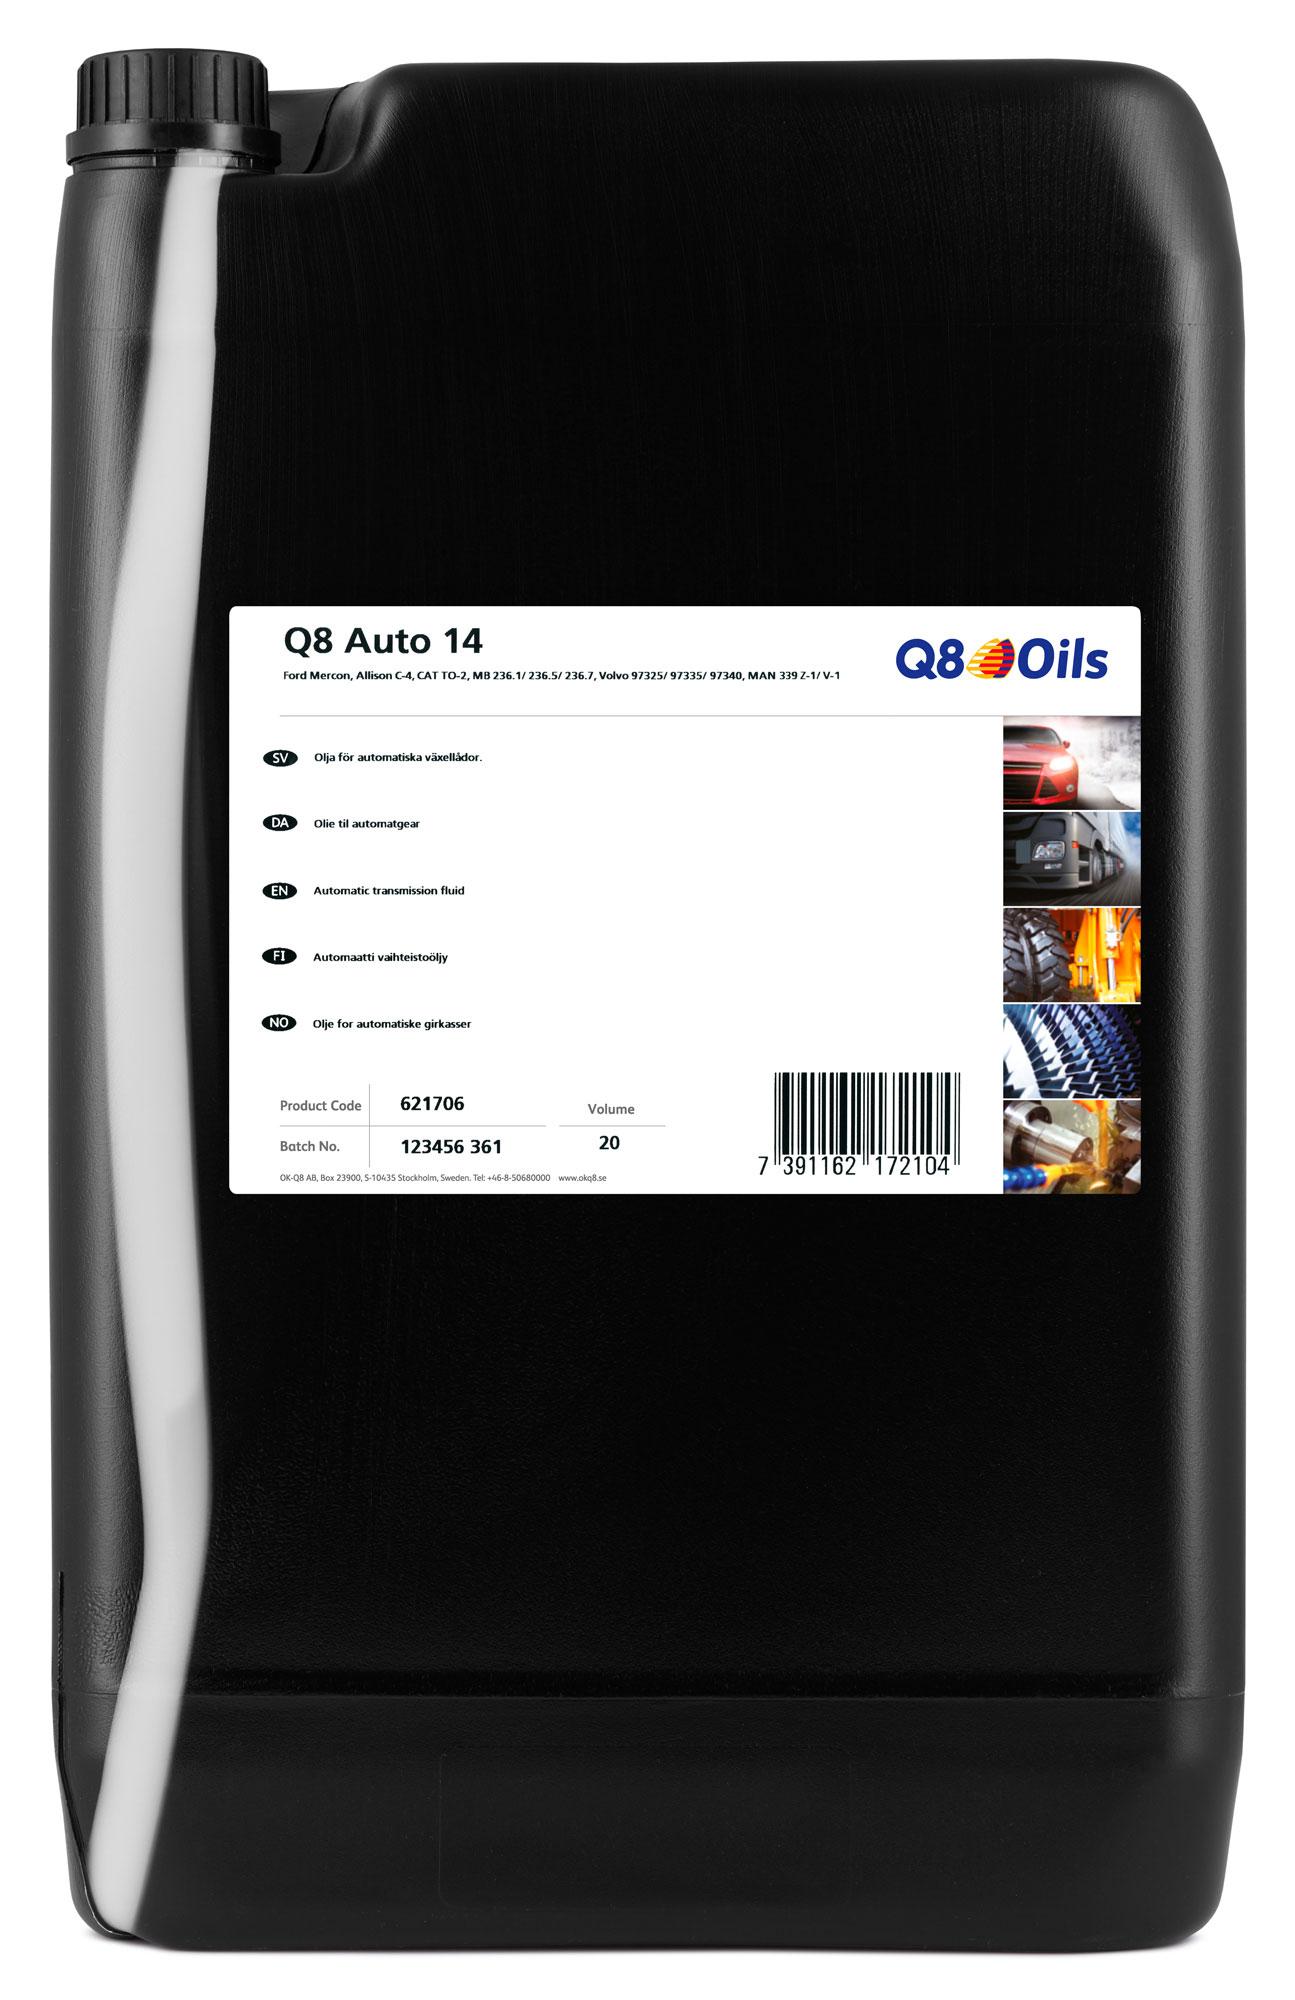 Q8 T 750 Motorolja 15W-40 20L